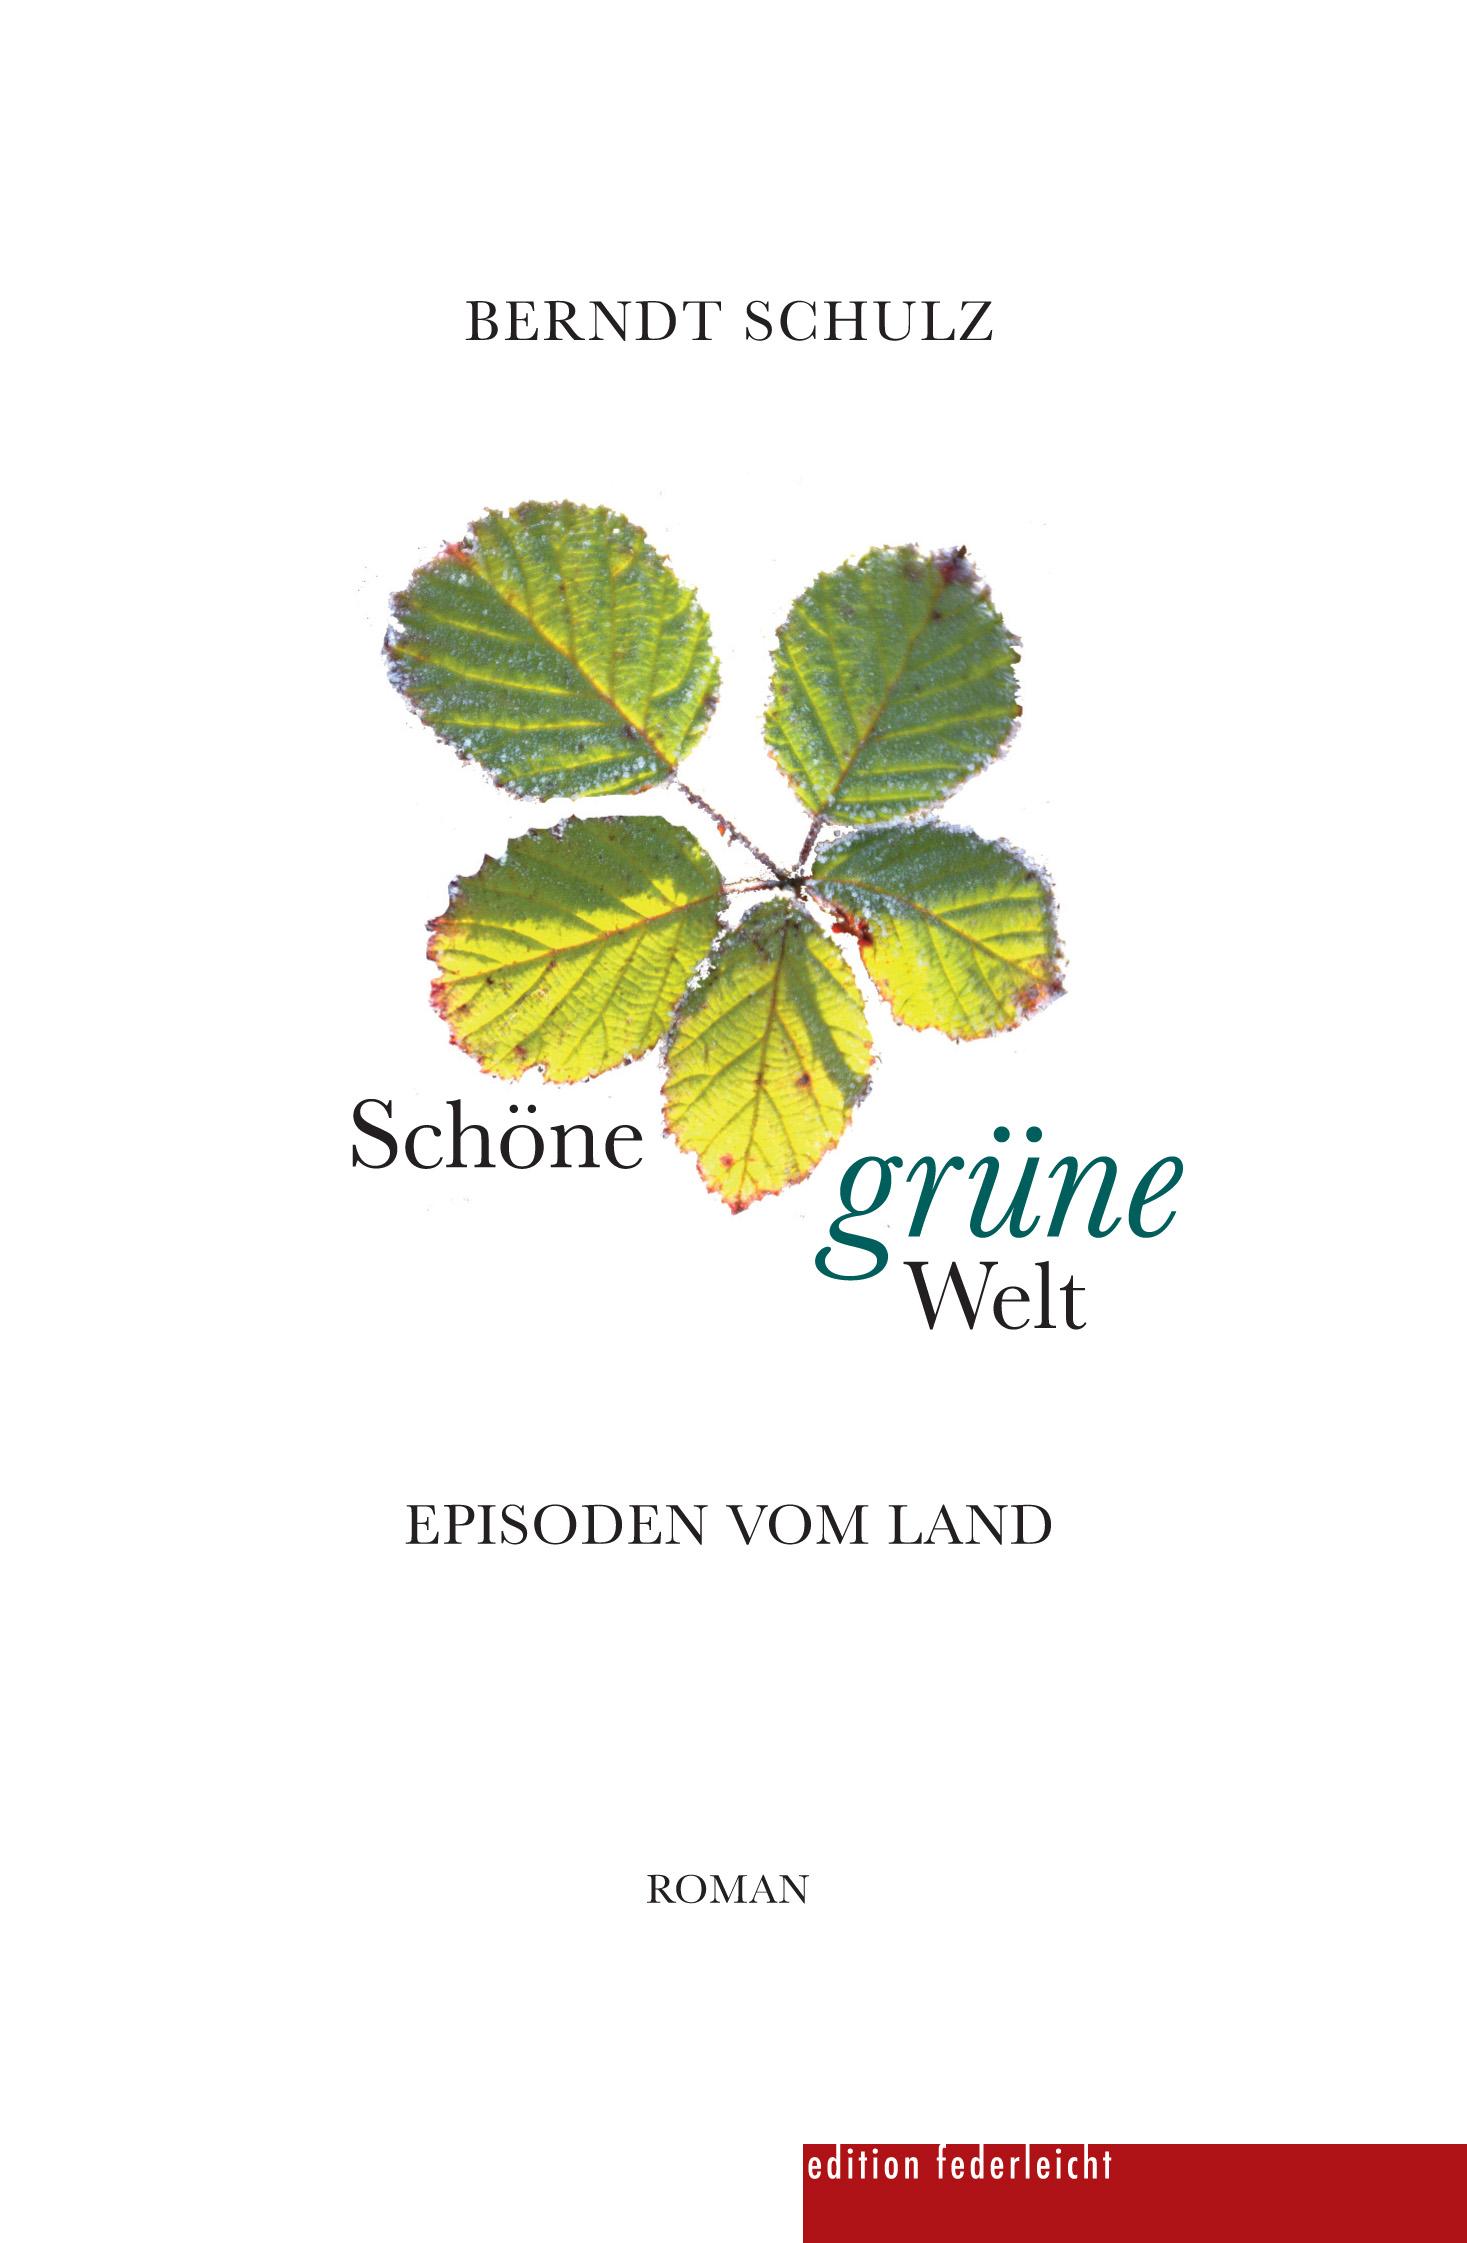 """Raus aufs Land! - Lesung und Gespräch von und mit Berndt Schulz zu seinem Roman """"Schöne grüne Welt. Episoden vom Land"""""""